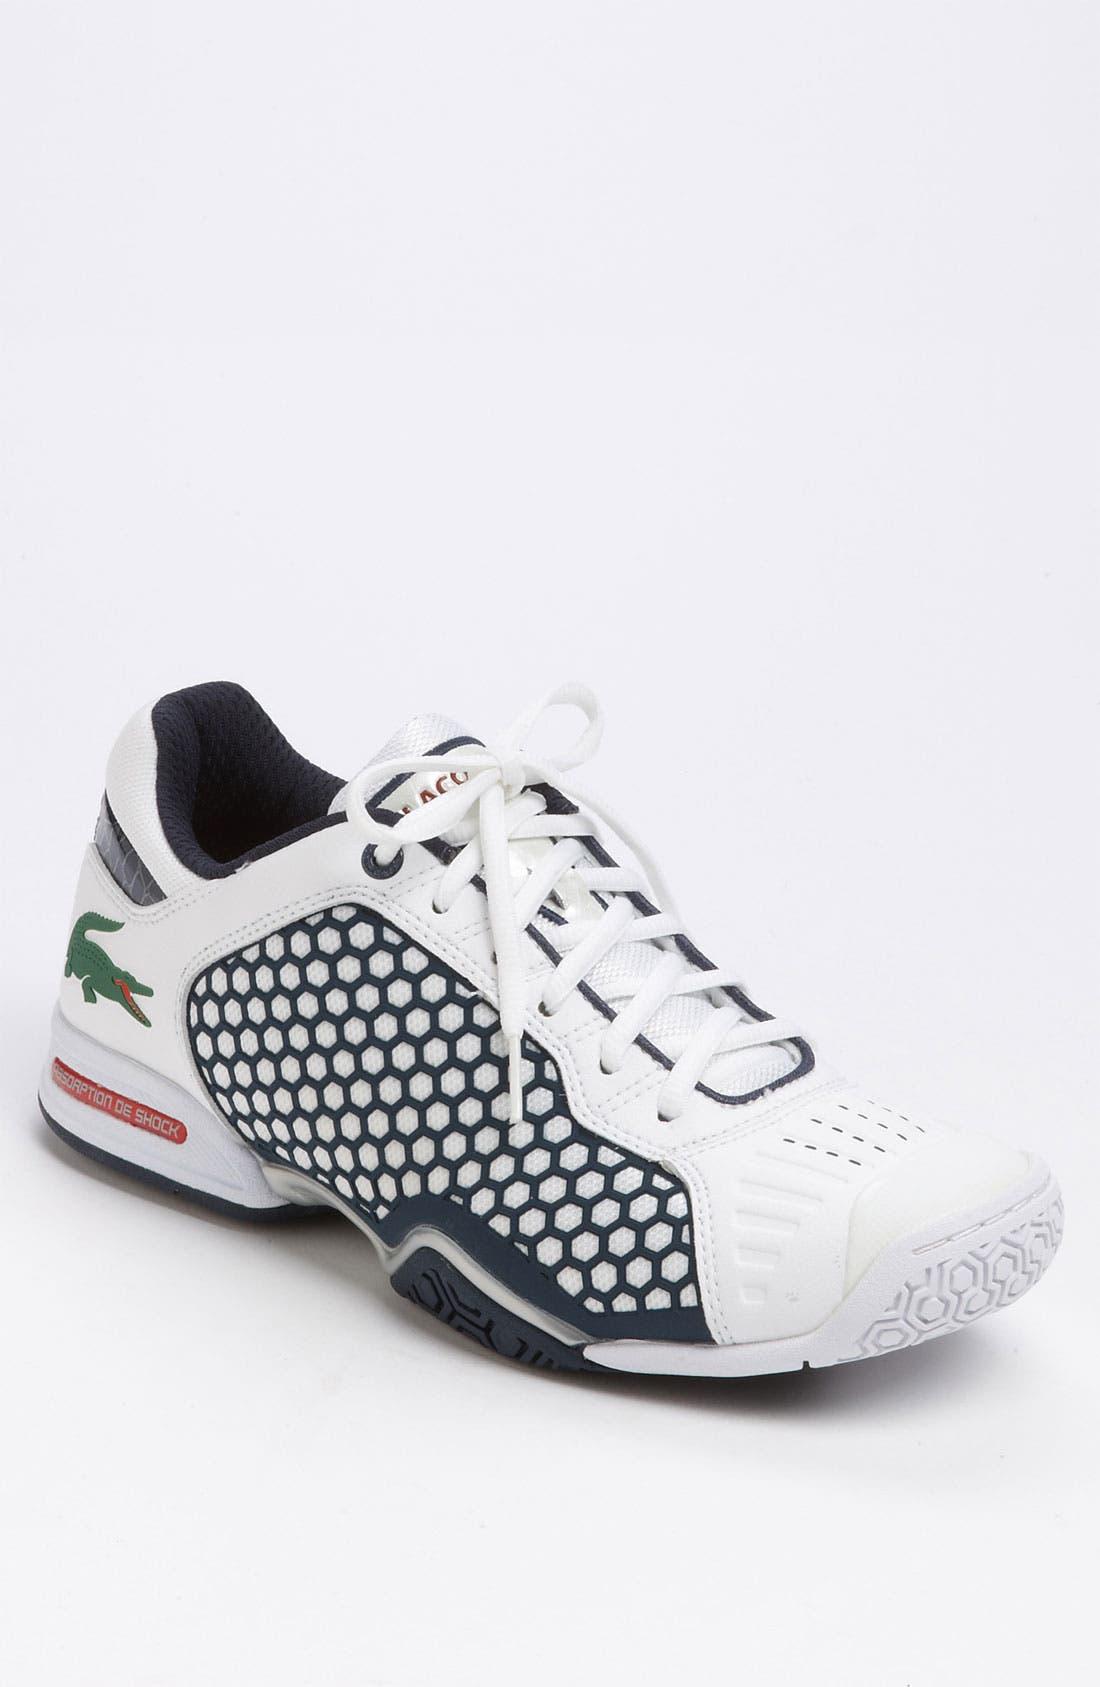 Main Image - Lacoste 'Repel' Tennis Shoe (Men)